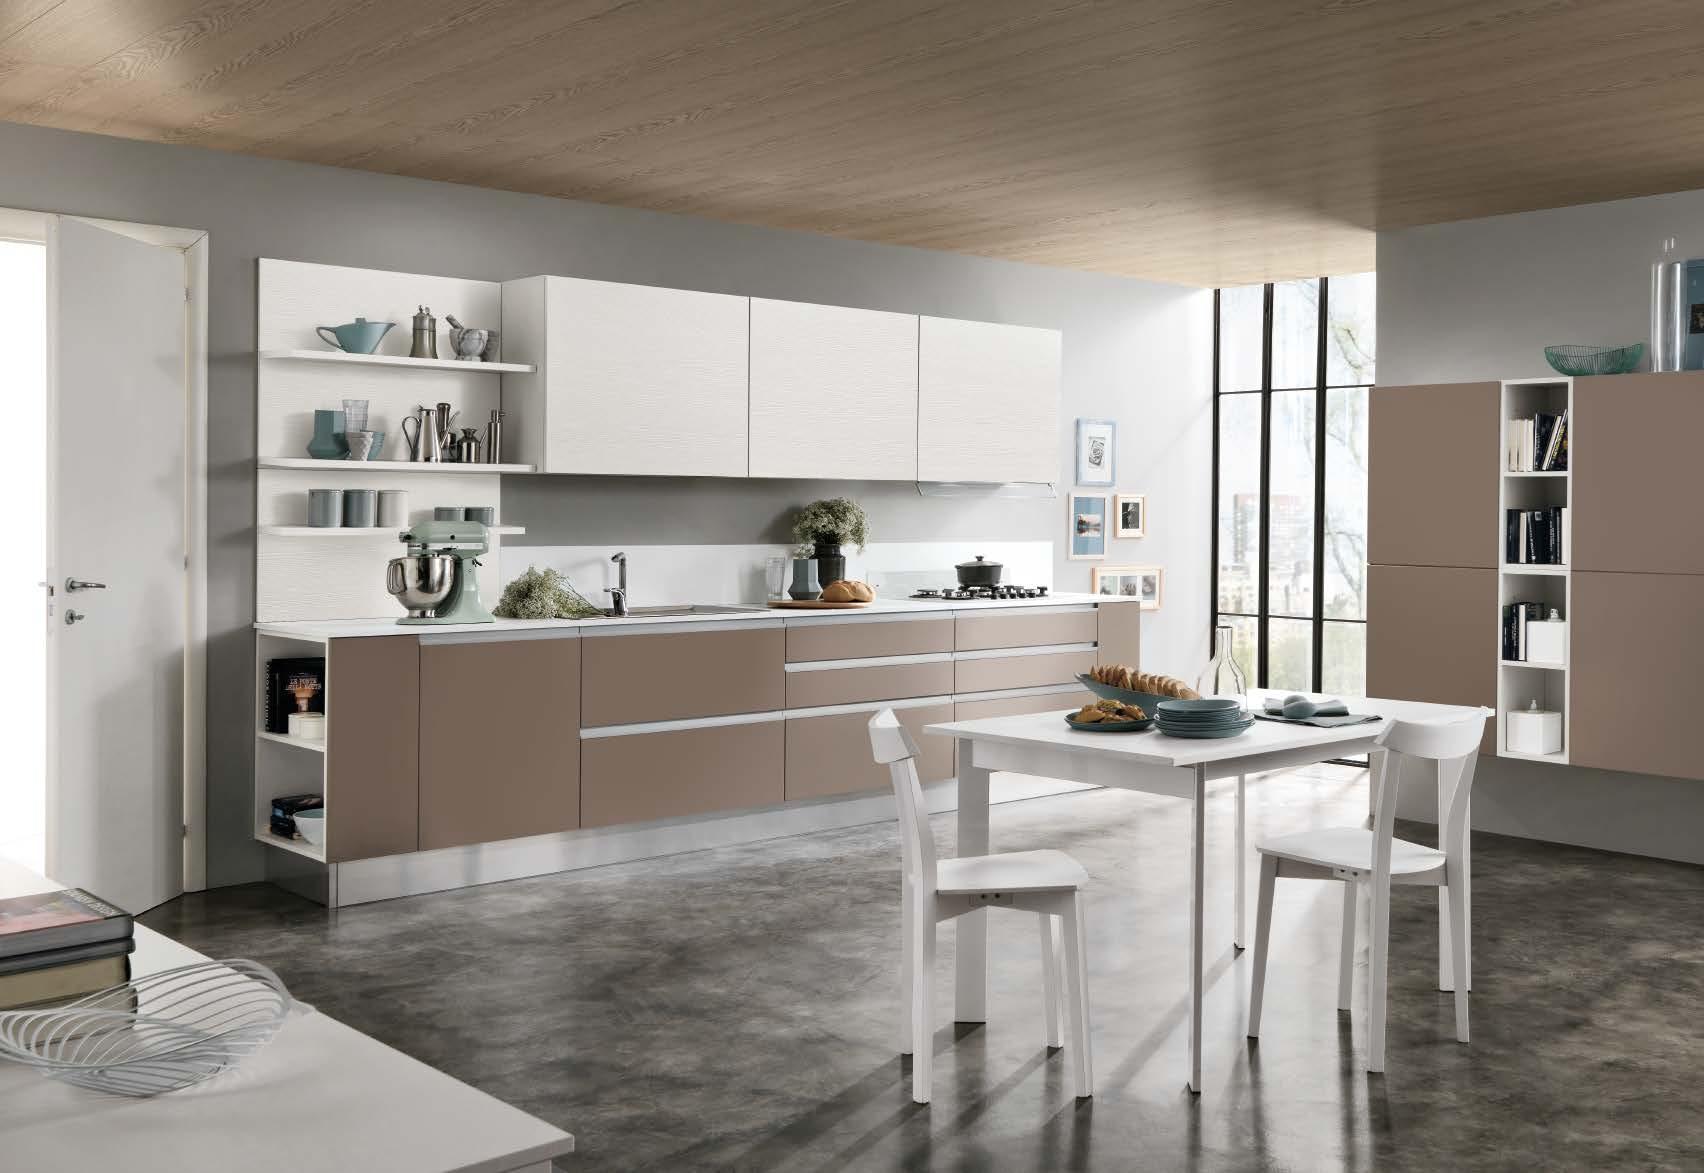 Linea κουζινα με ενσωματωμενη μεταλική λαβή σε καφε ματ λάκα και μελαμινη σε υφη ξυλου λεπτομερειες